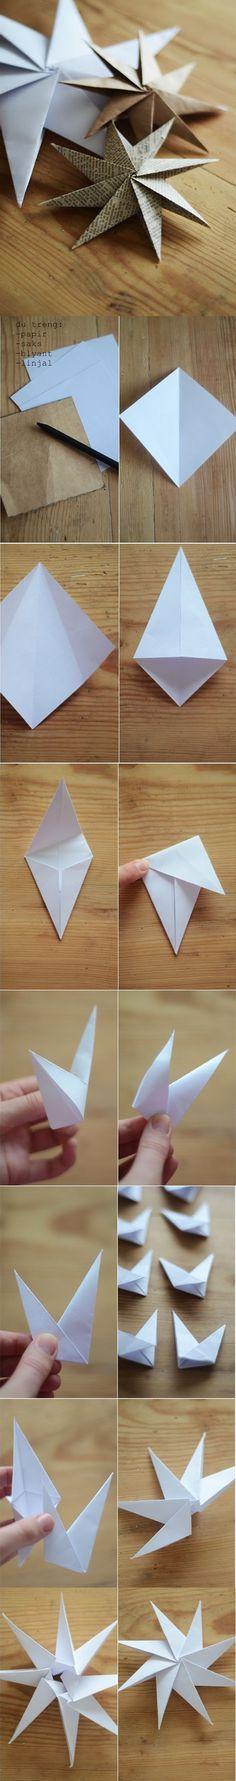 DIY - Papiersterne Anleitung. Schaut bestimmt einfacher aus als es ist..